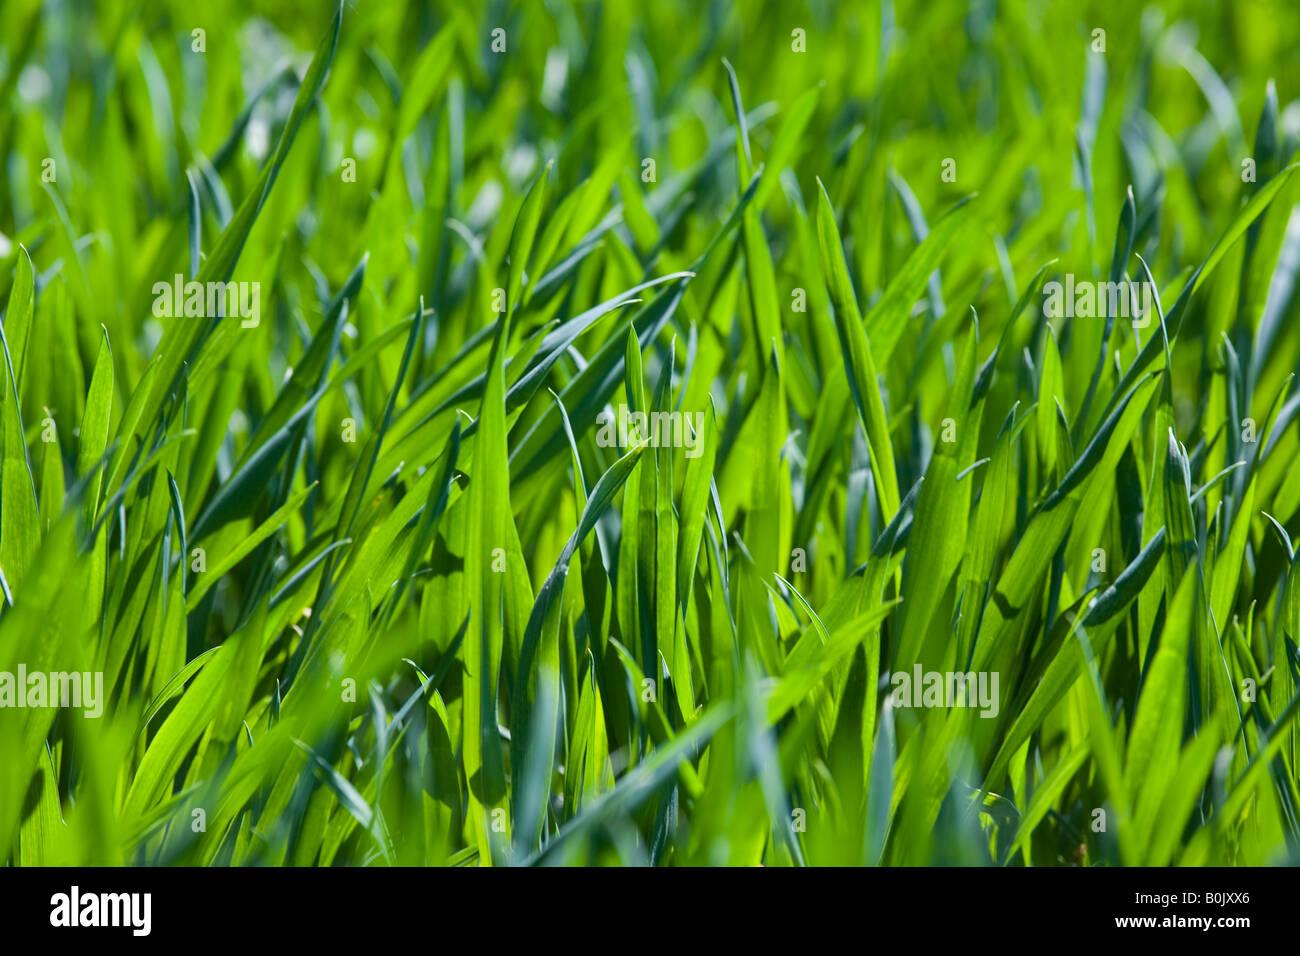 Nouvelles lames d'herbe verte fraîche Photo Stock